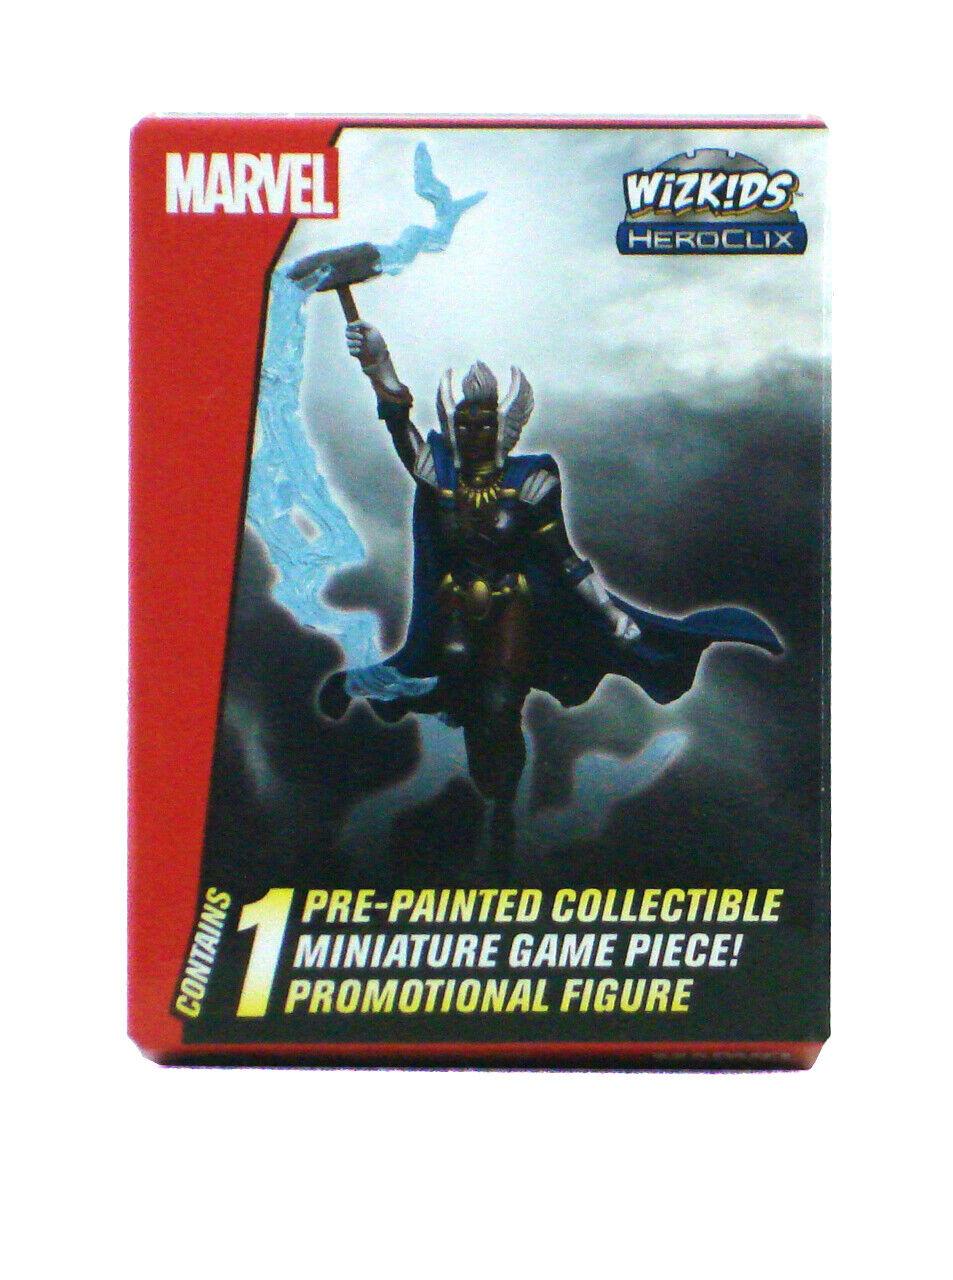 Tormenta de Marvel Heroclix Thor moljnir MP19-006 Convención Exclusiva Edición Limitada WKO Promo